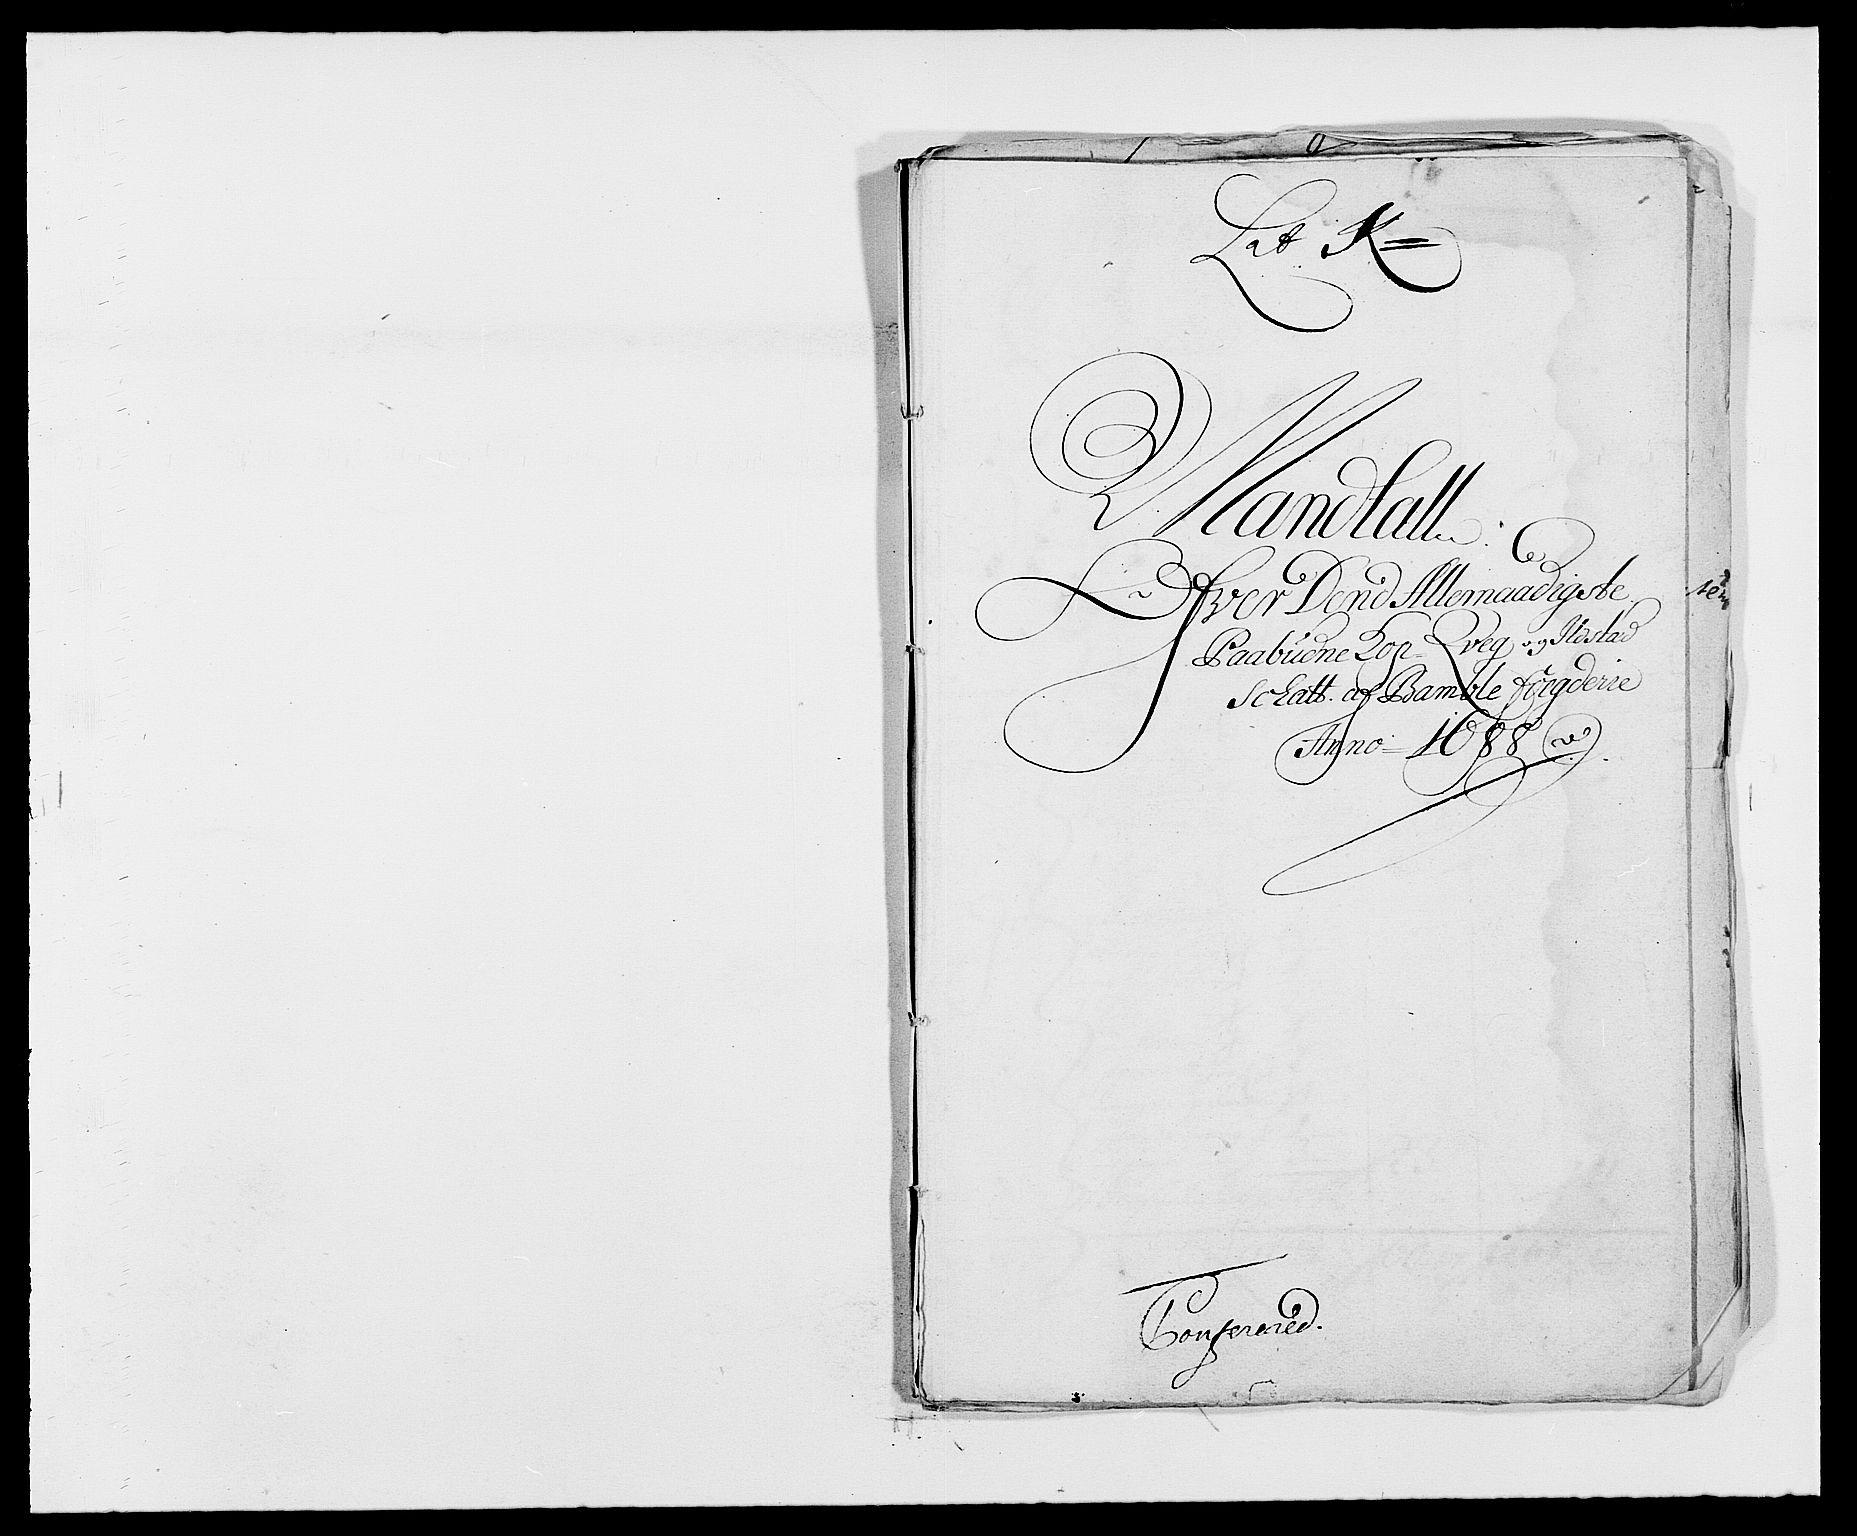 RA, Rentekammeret inntil 1814, Reviderte regnskaper, Fogderegnskap, R34/L2050: Fogderegnskap Bamble, 1688-1691, s. 155